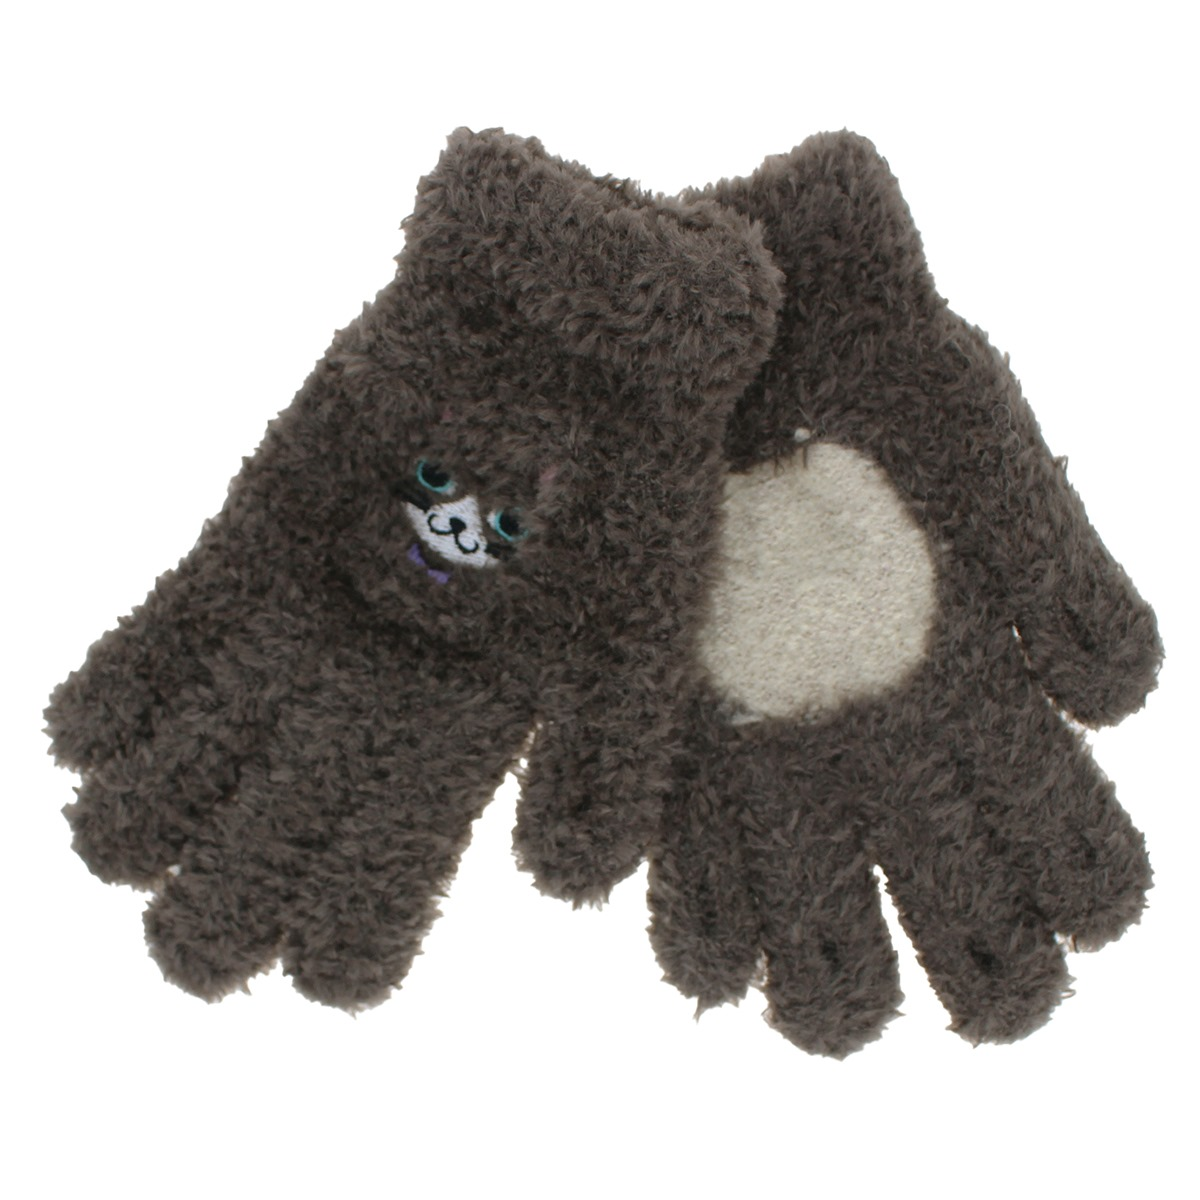 【スマホ対応】YUBIDERU ユビデル レディース ニット手袋 指先が出る スマホ 指紋認証対応 スマホ手袋 あったか ふわもこ ボア手袋 五本指 日本製 ネコ柄